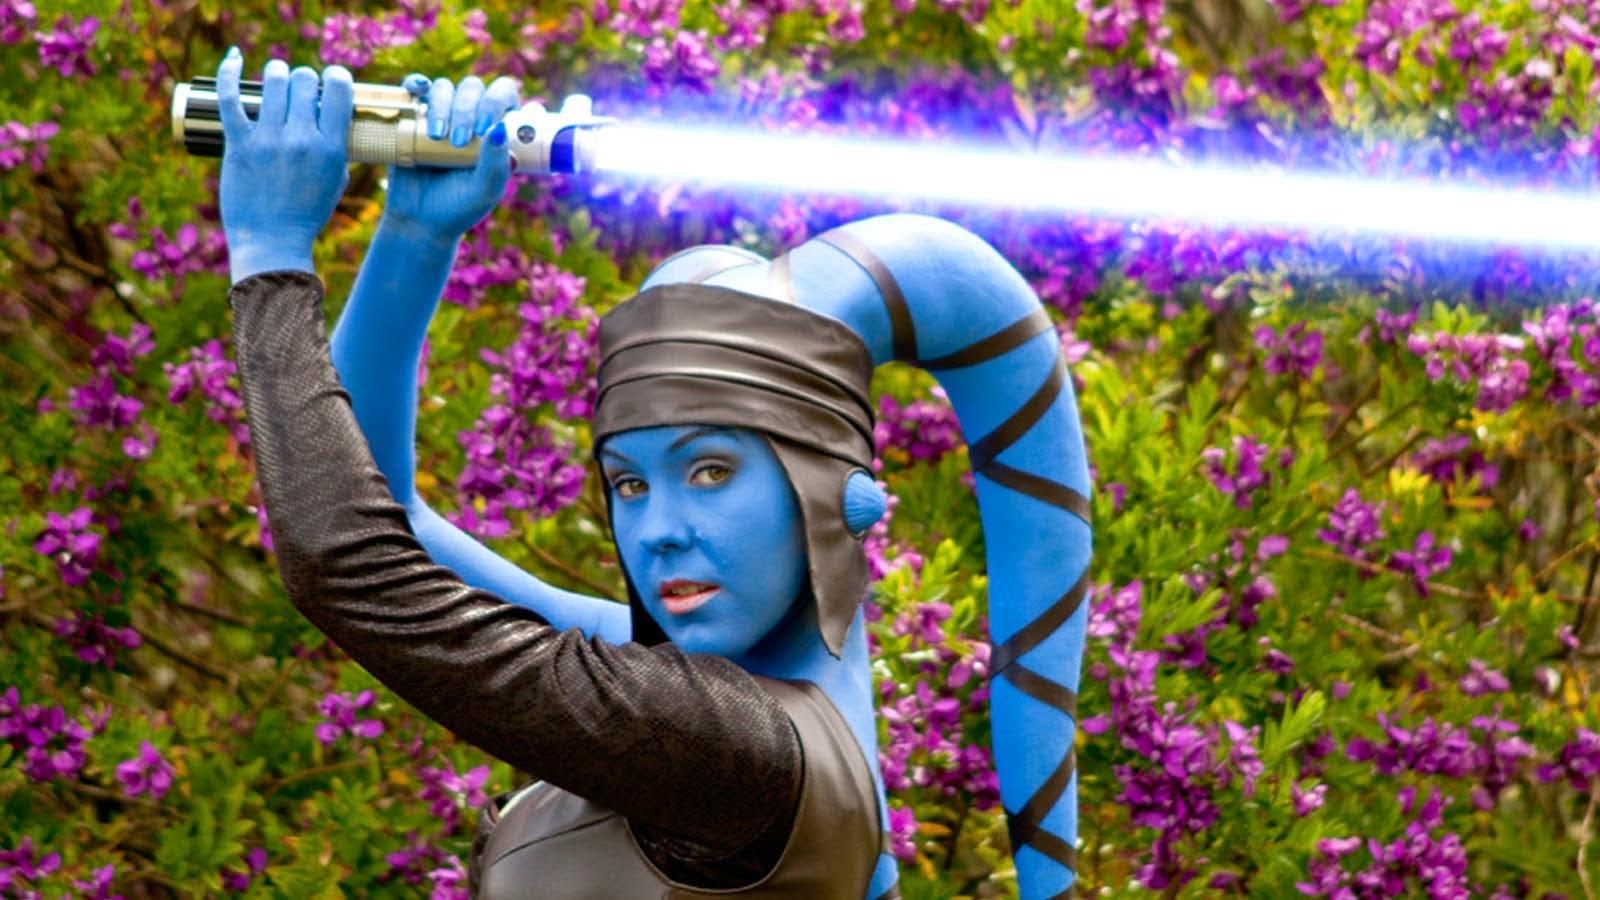 Aayla Secura cosplay star wars